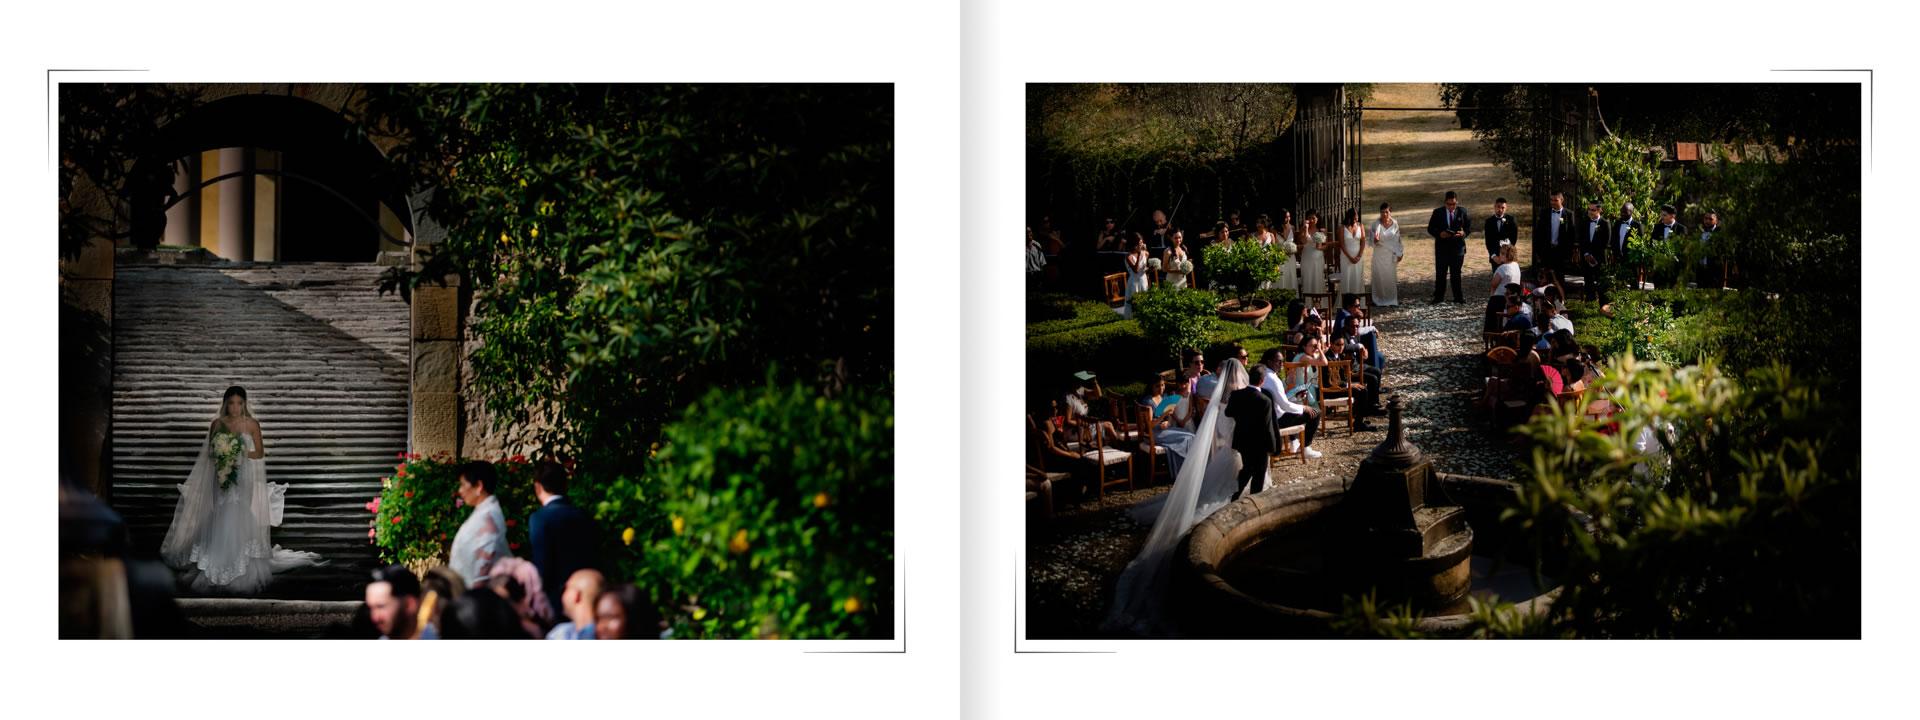 villa-di-maiano-david-bastianoni-photographer-00017 - 17 :: Wedding at Villa di Maiano :: Luxury wedding photography - 16 :: villa-di-maiano-david-bastianoni-photographer-00017 - 17